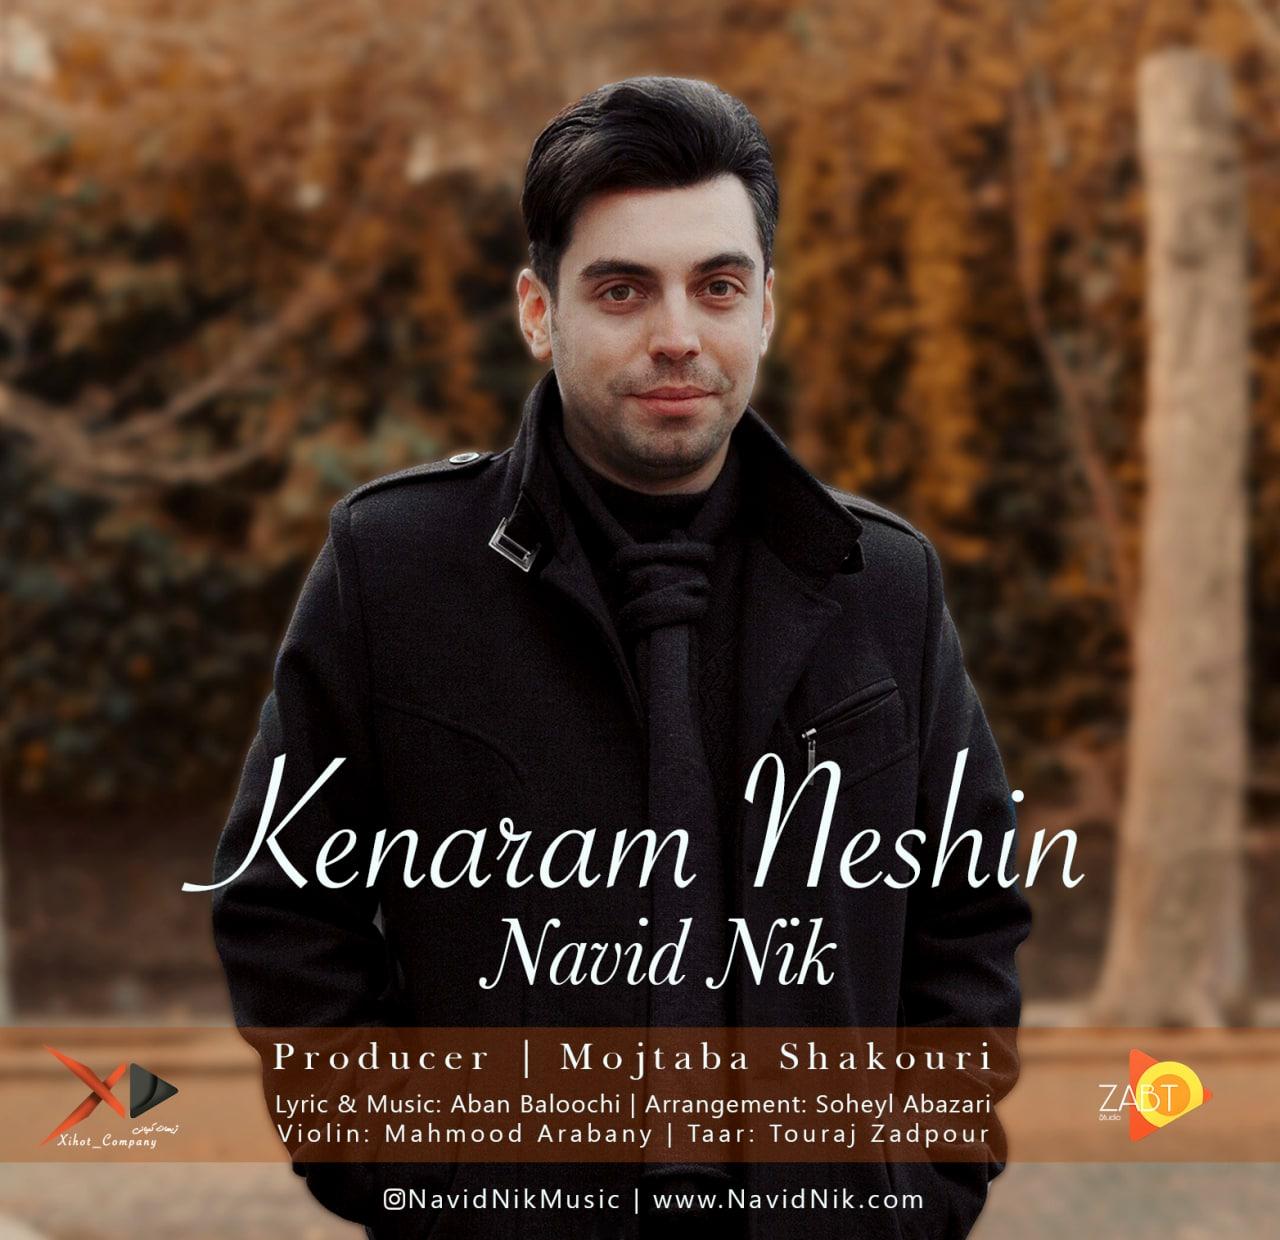 Navid Nik – Kenaram Neshin